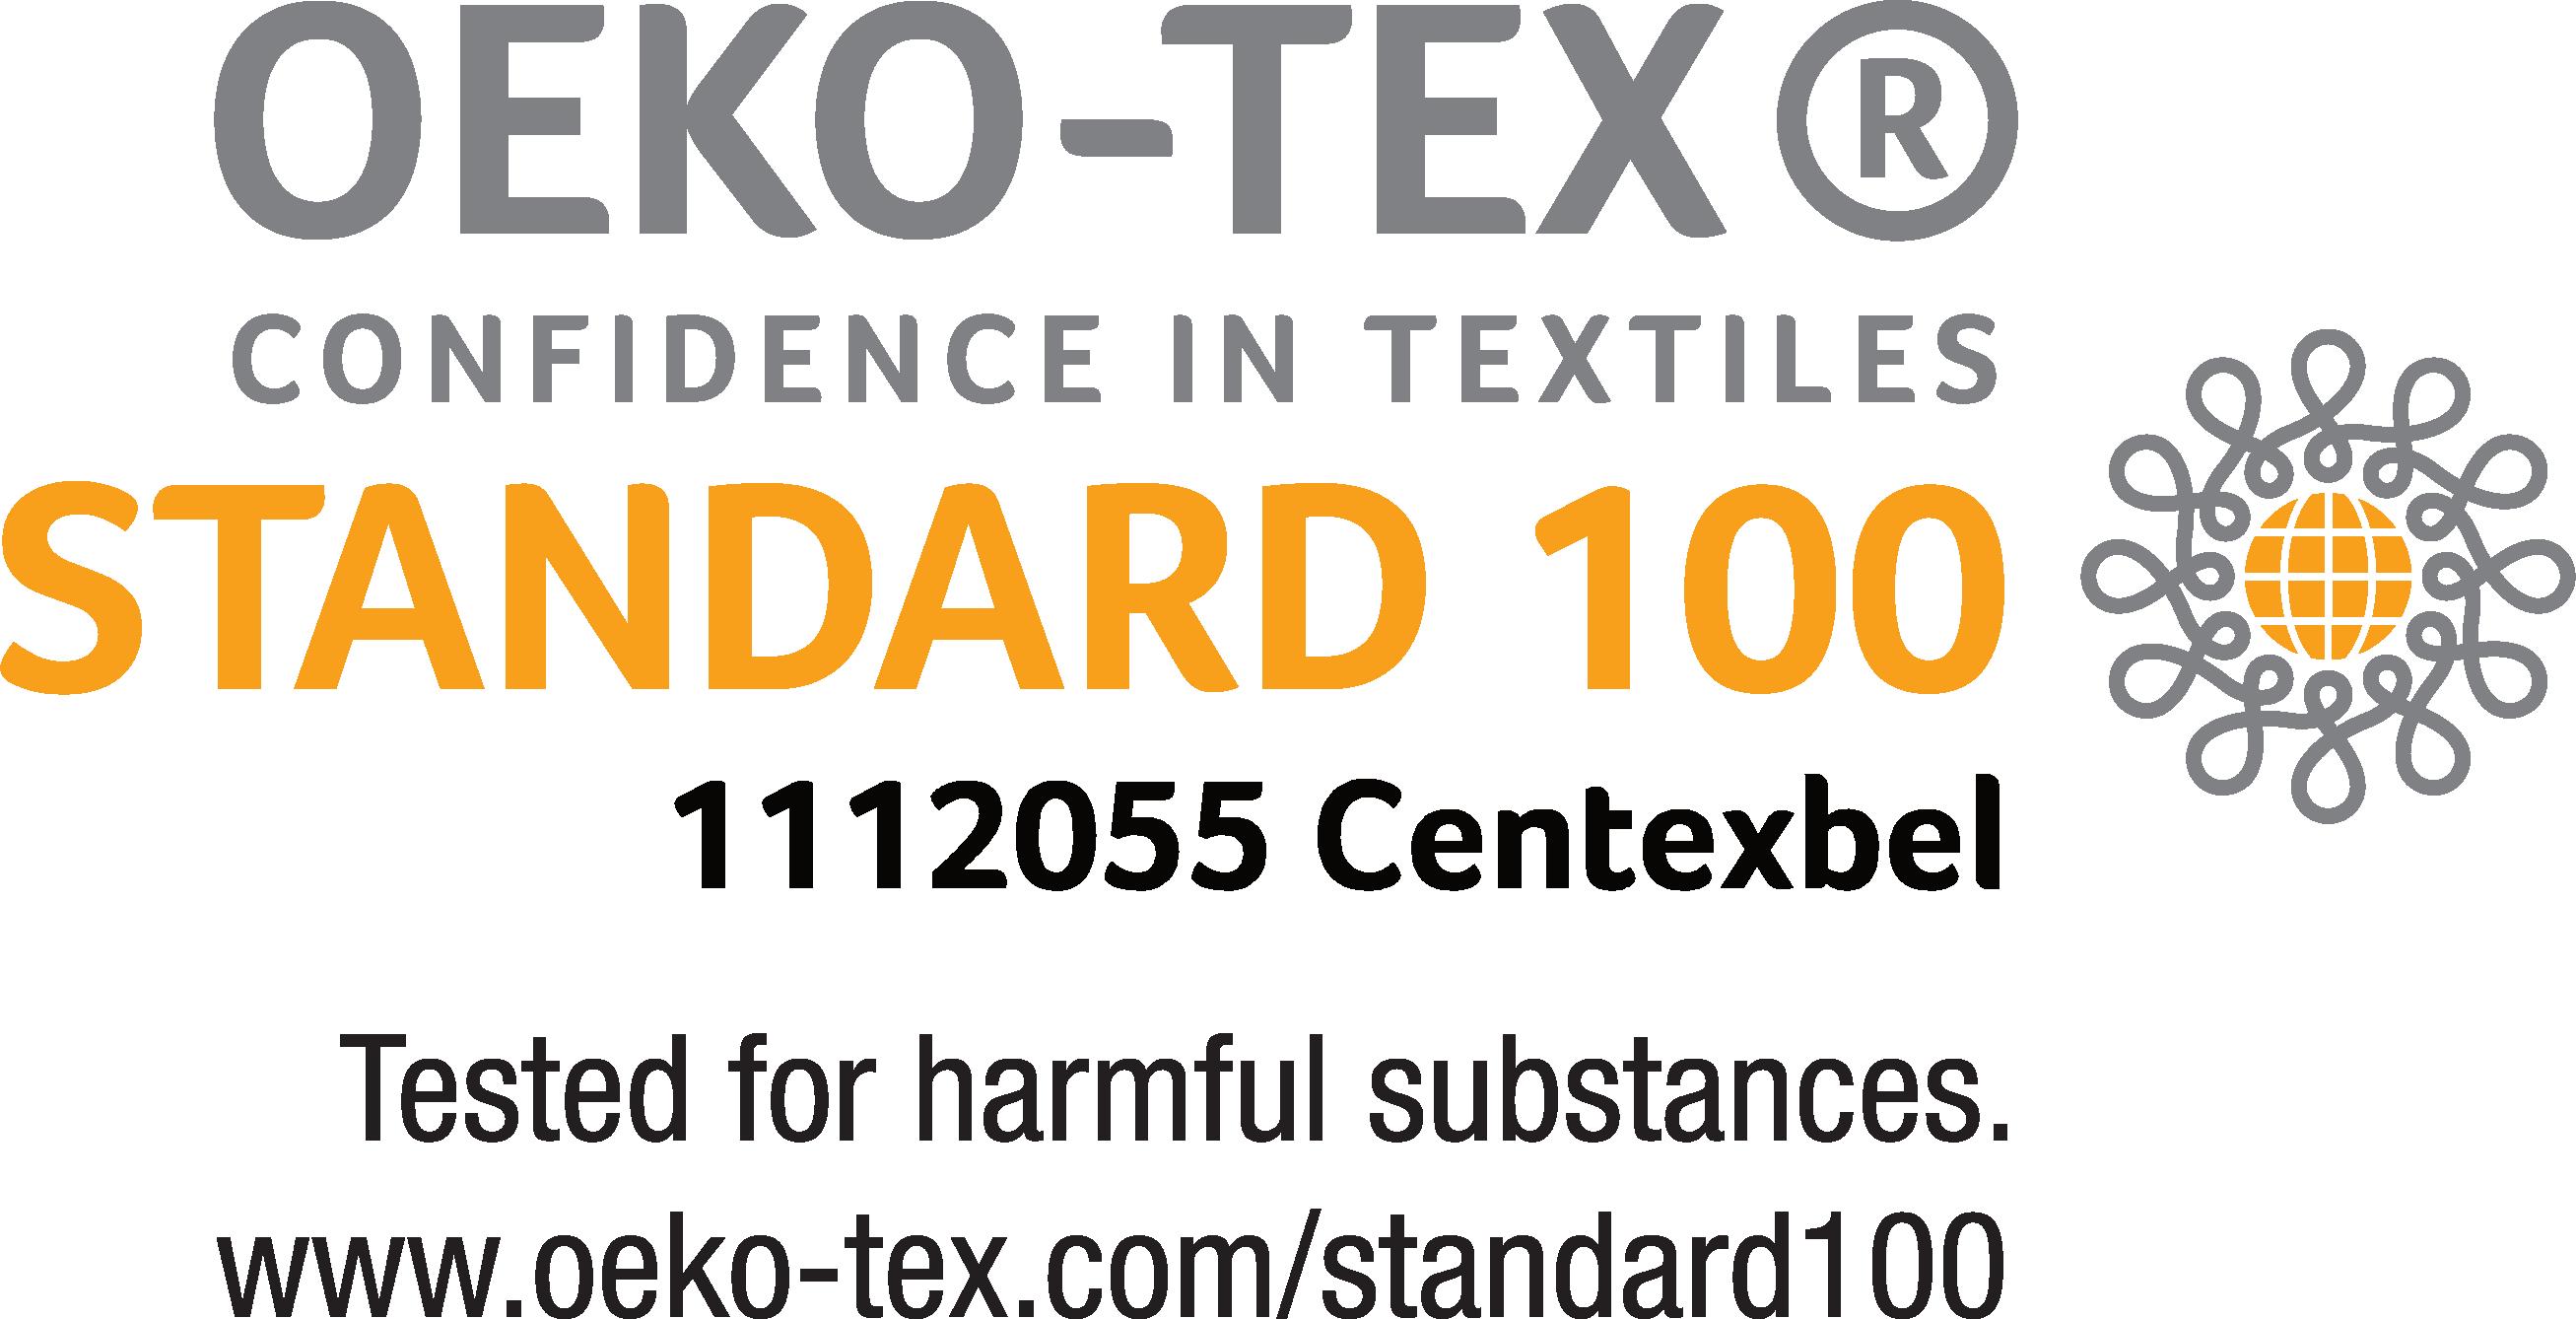 OEKO-TEX_1